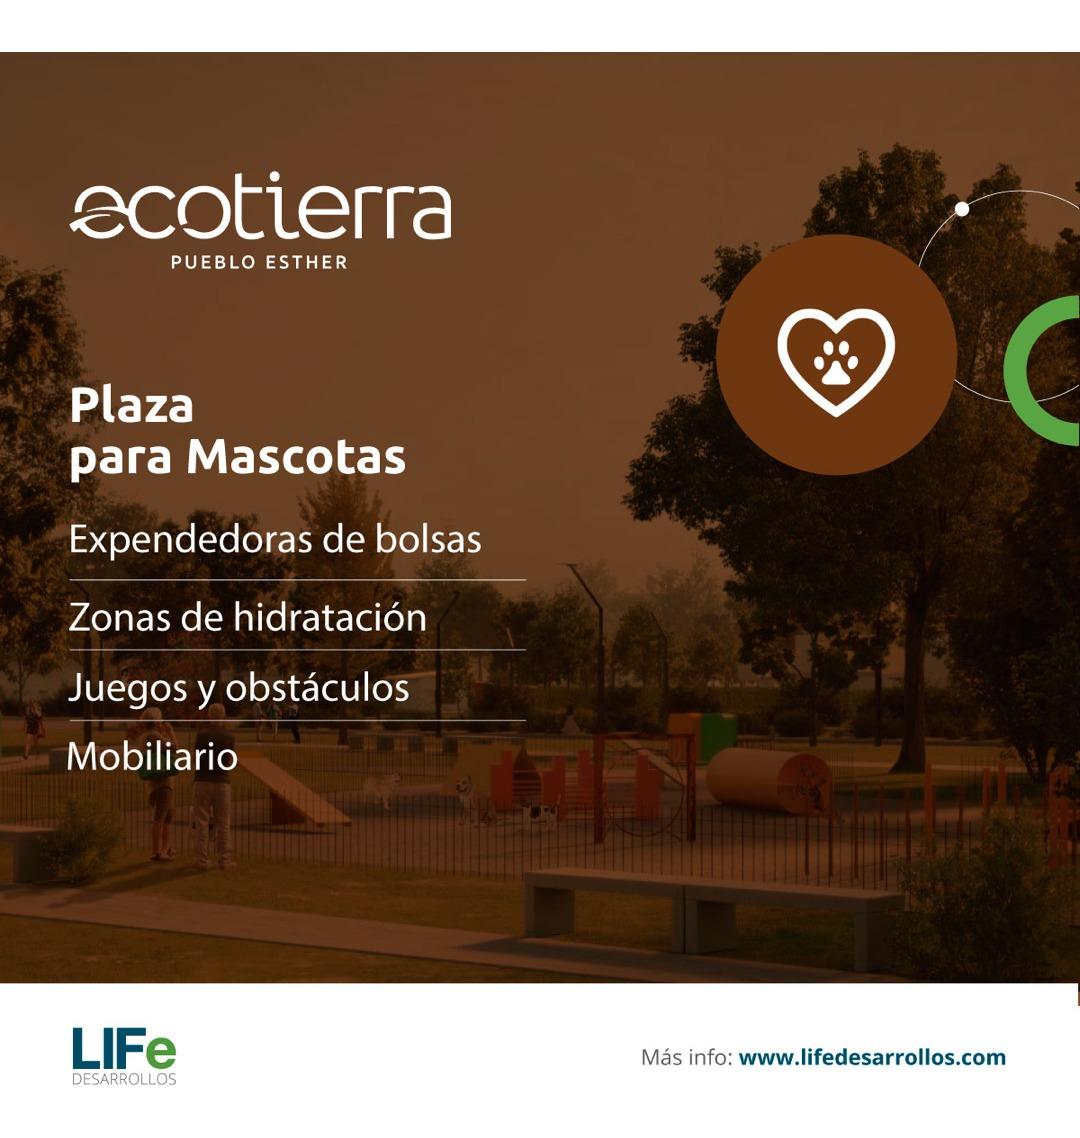 terreno en pueblo esther lote de 300 m2 financiado ecotierra